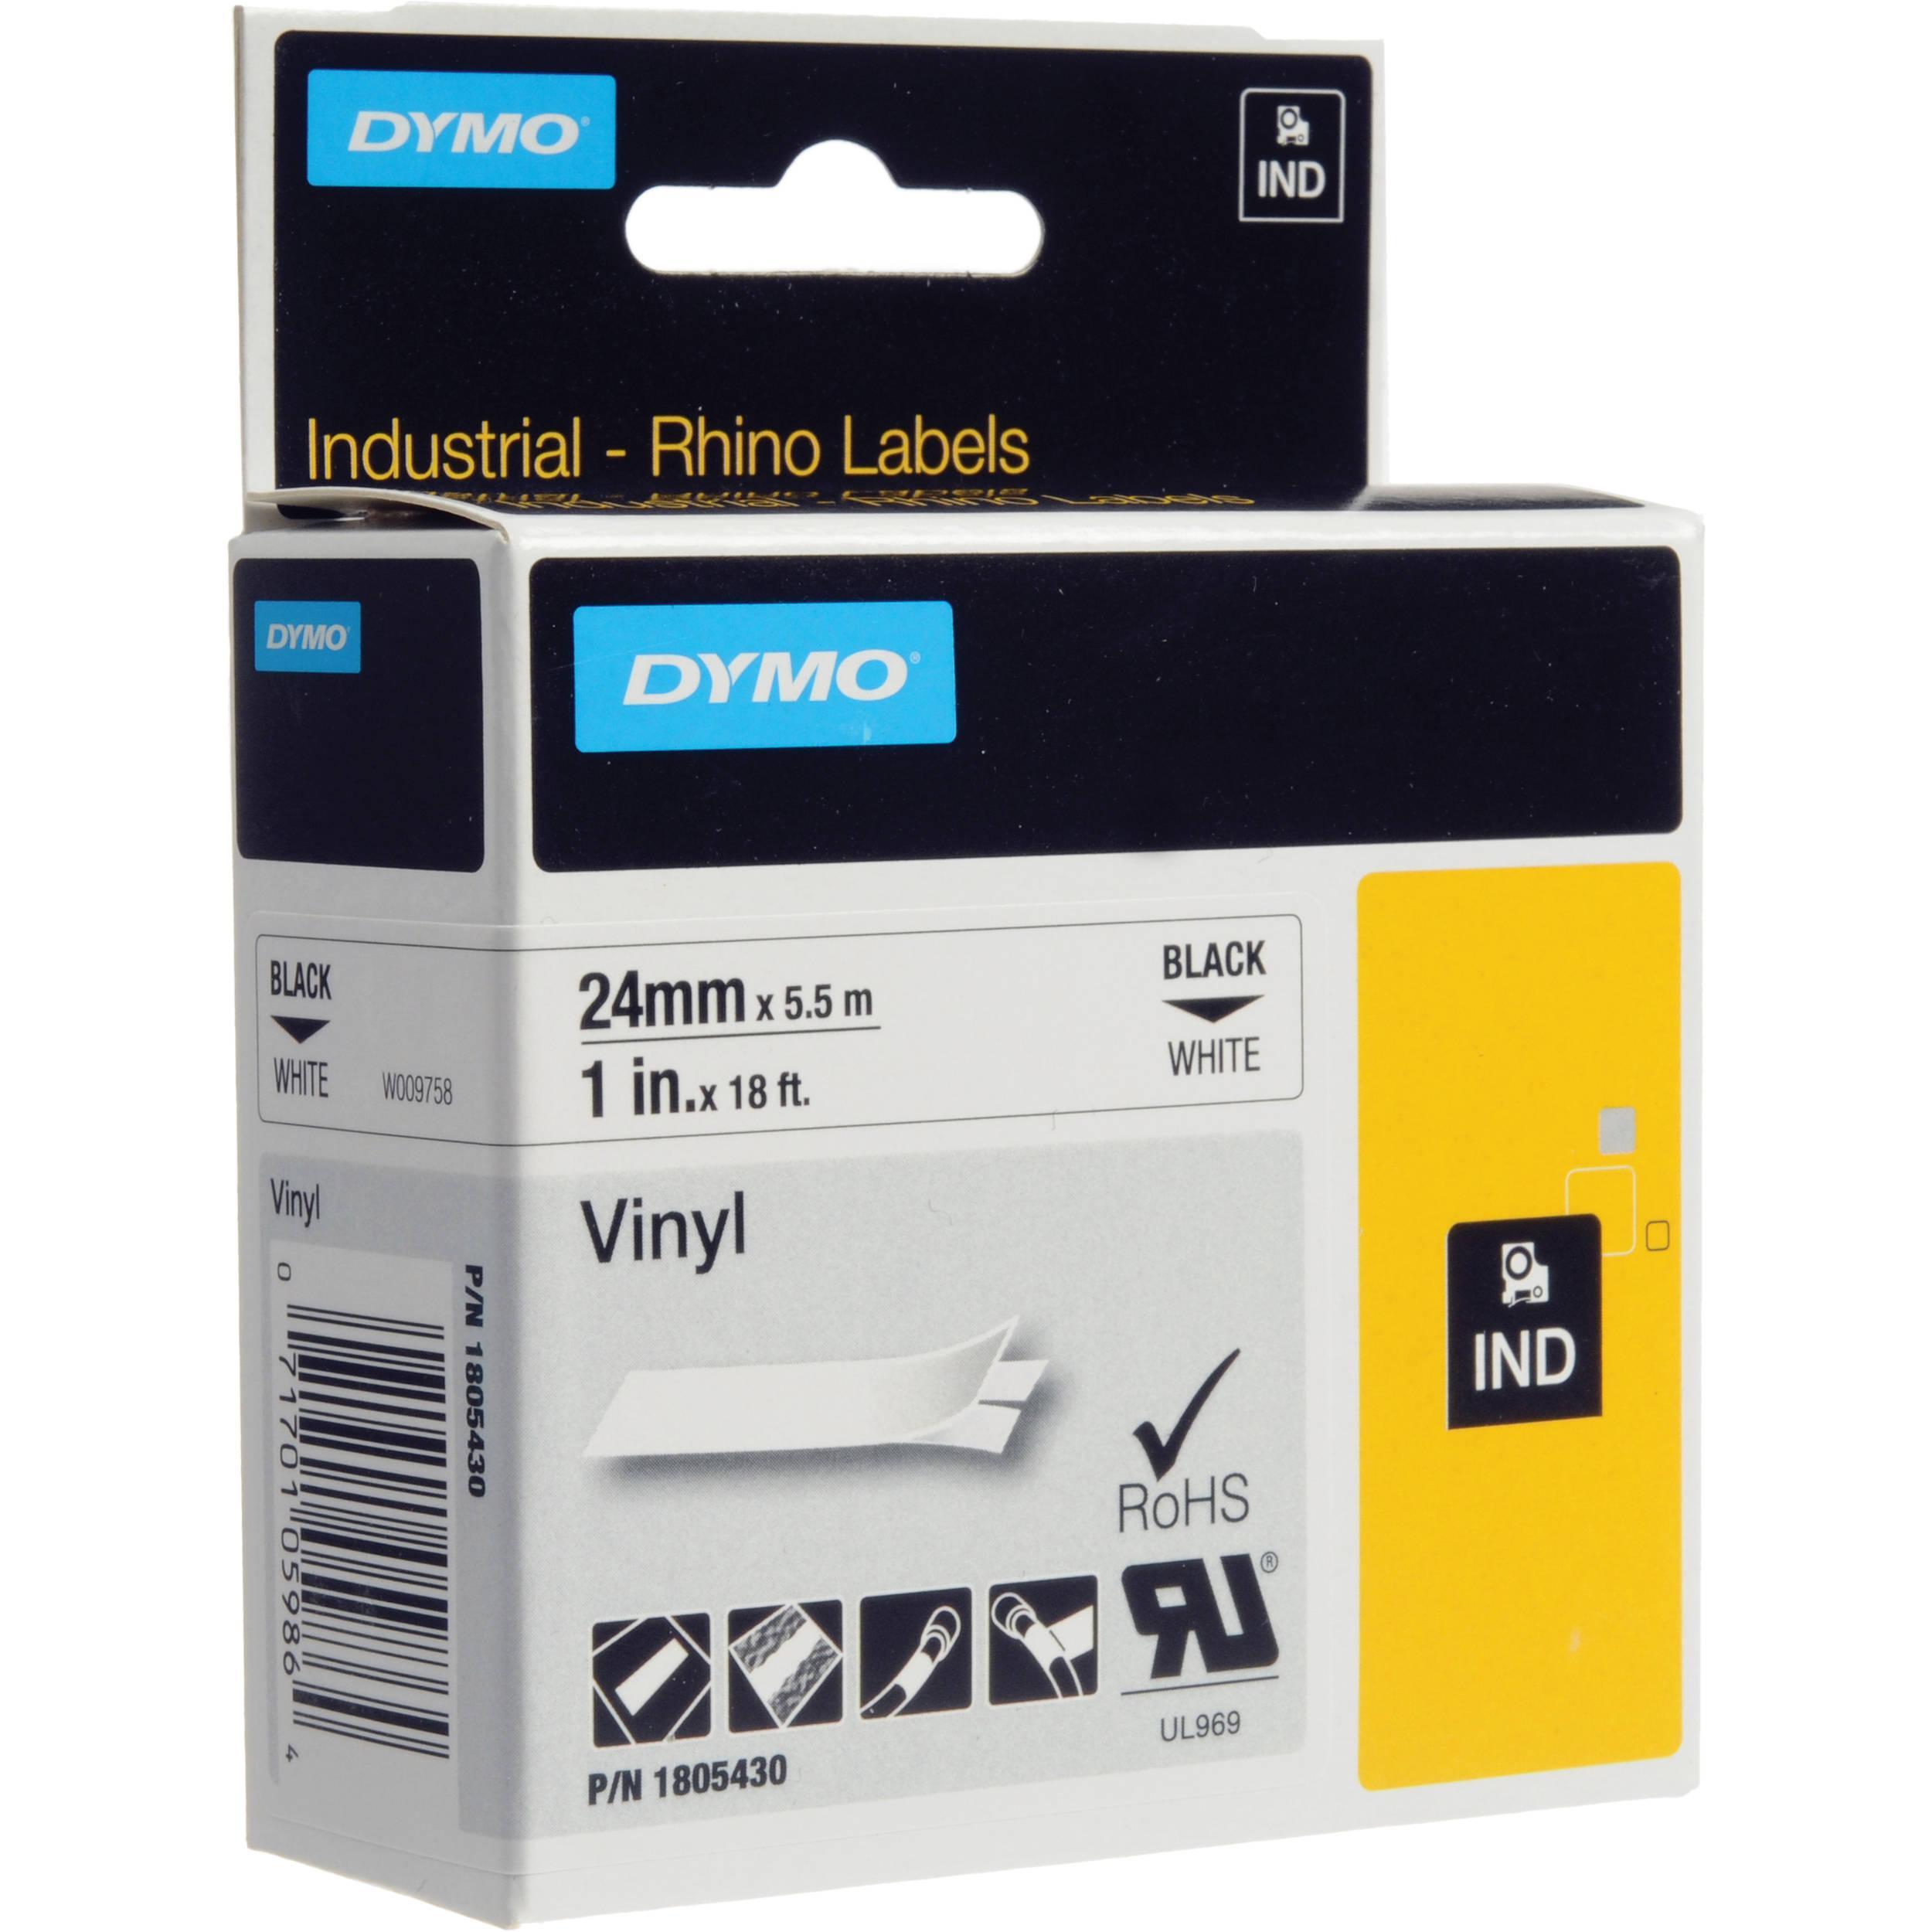 DYMO Rhino 24 mm svart on vit vinyl